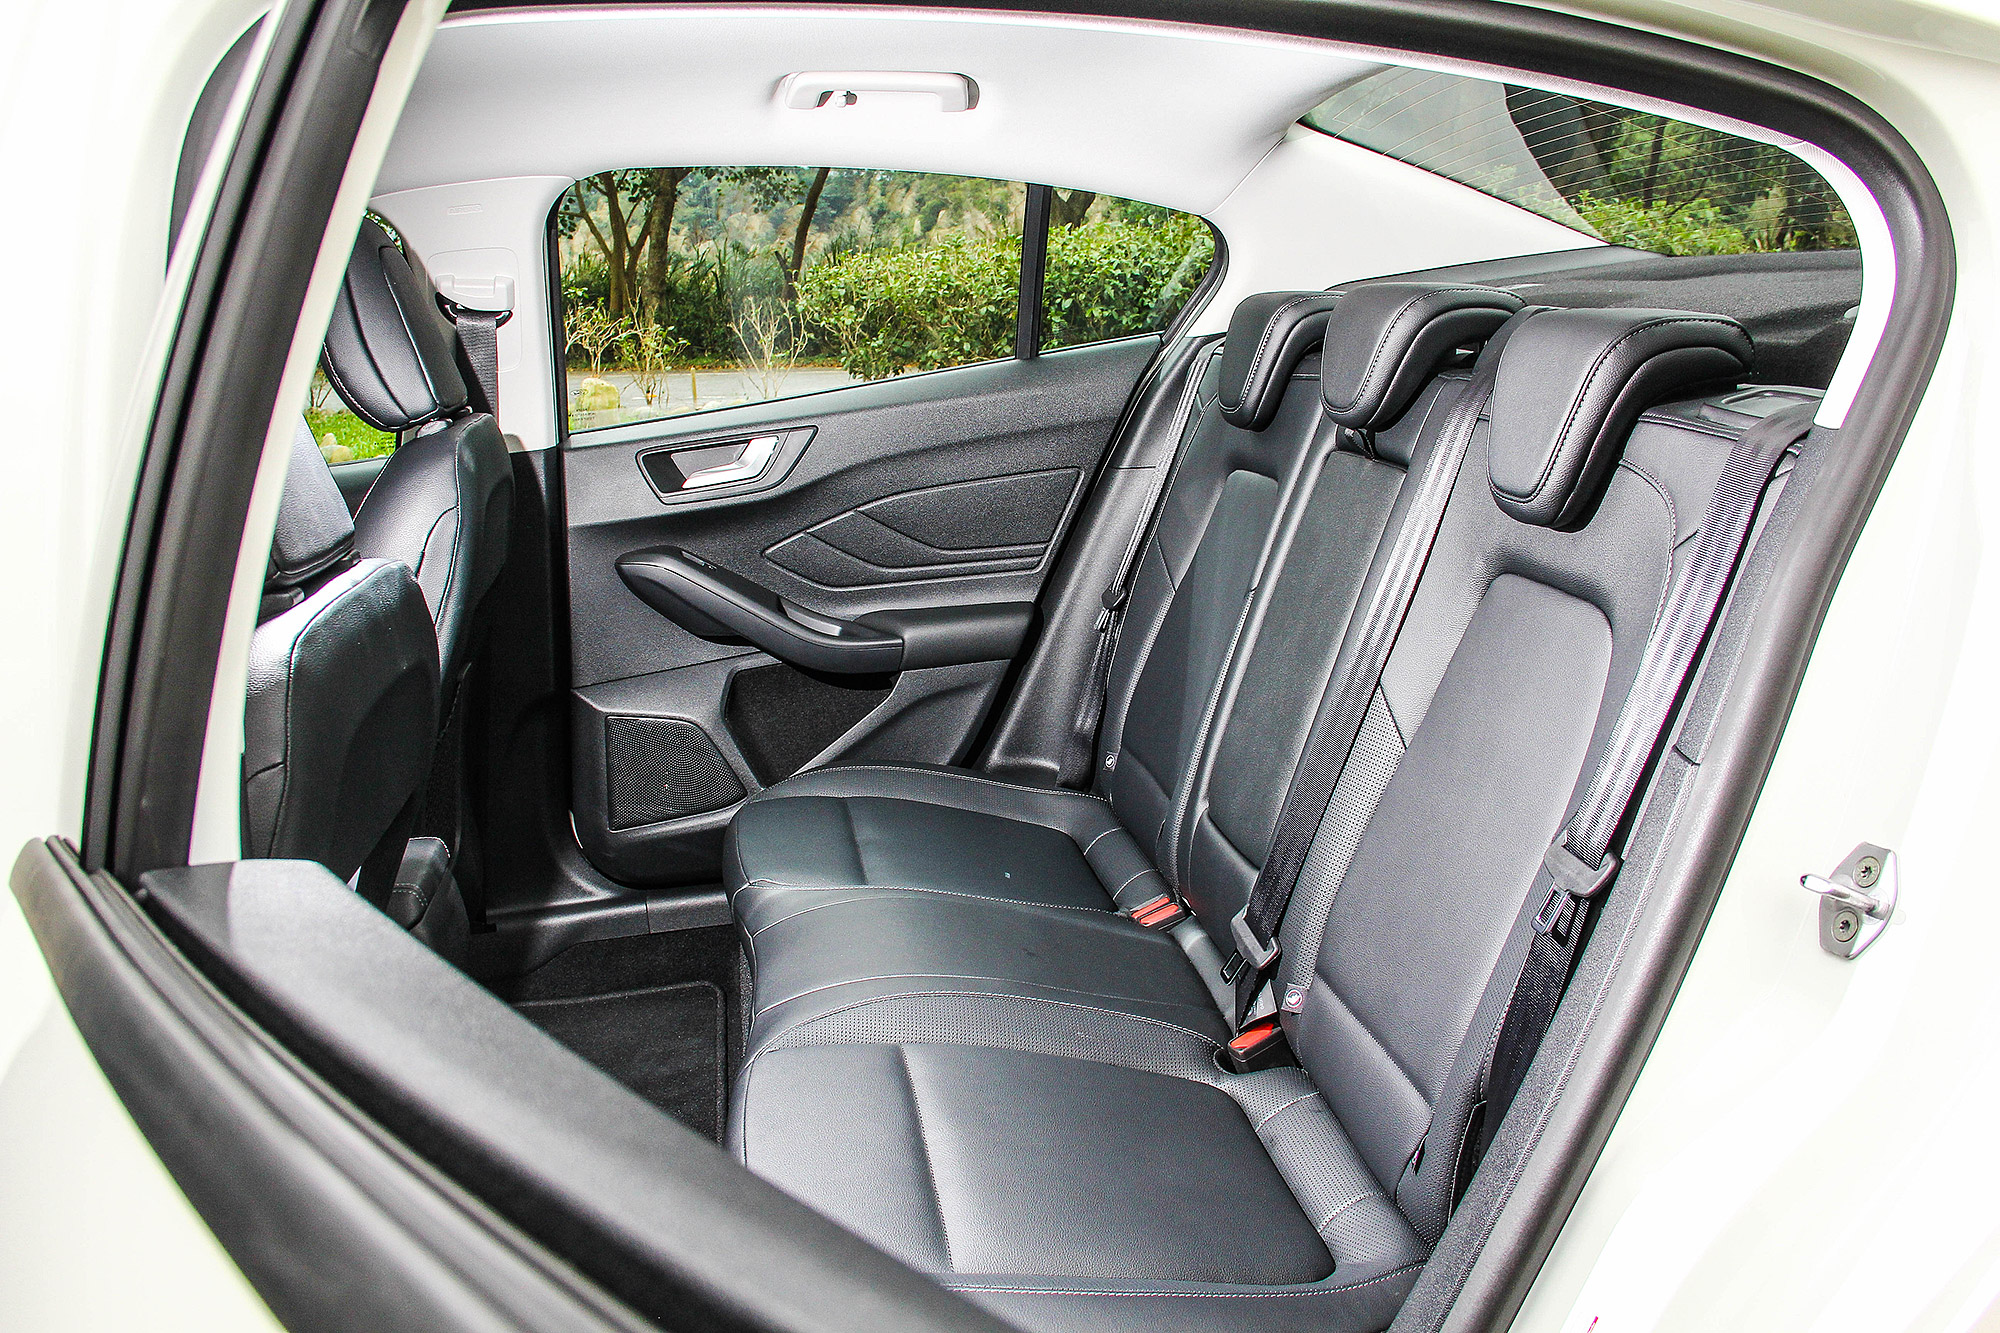 後座無論腿部空間或者寬度,都較一般國產小型房車出色。